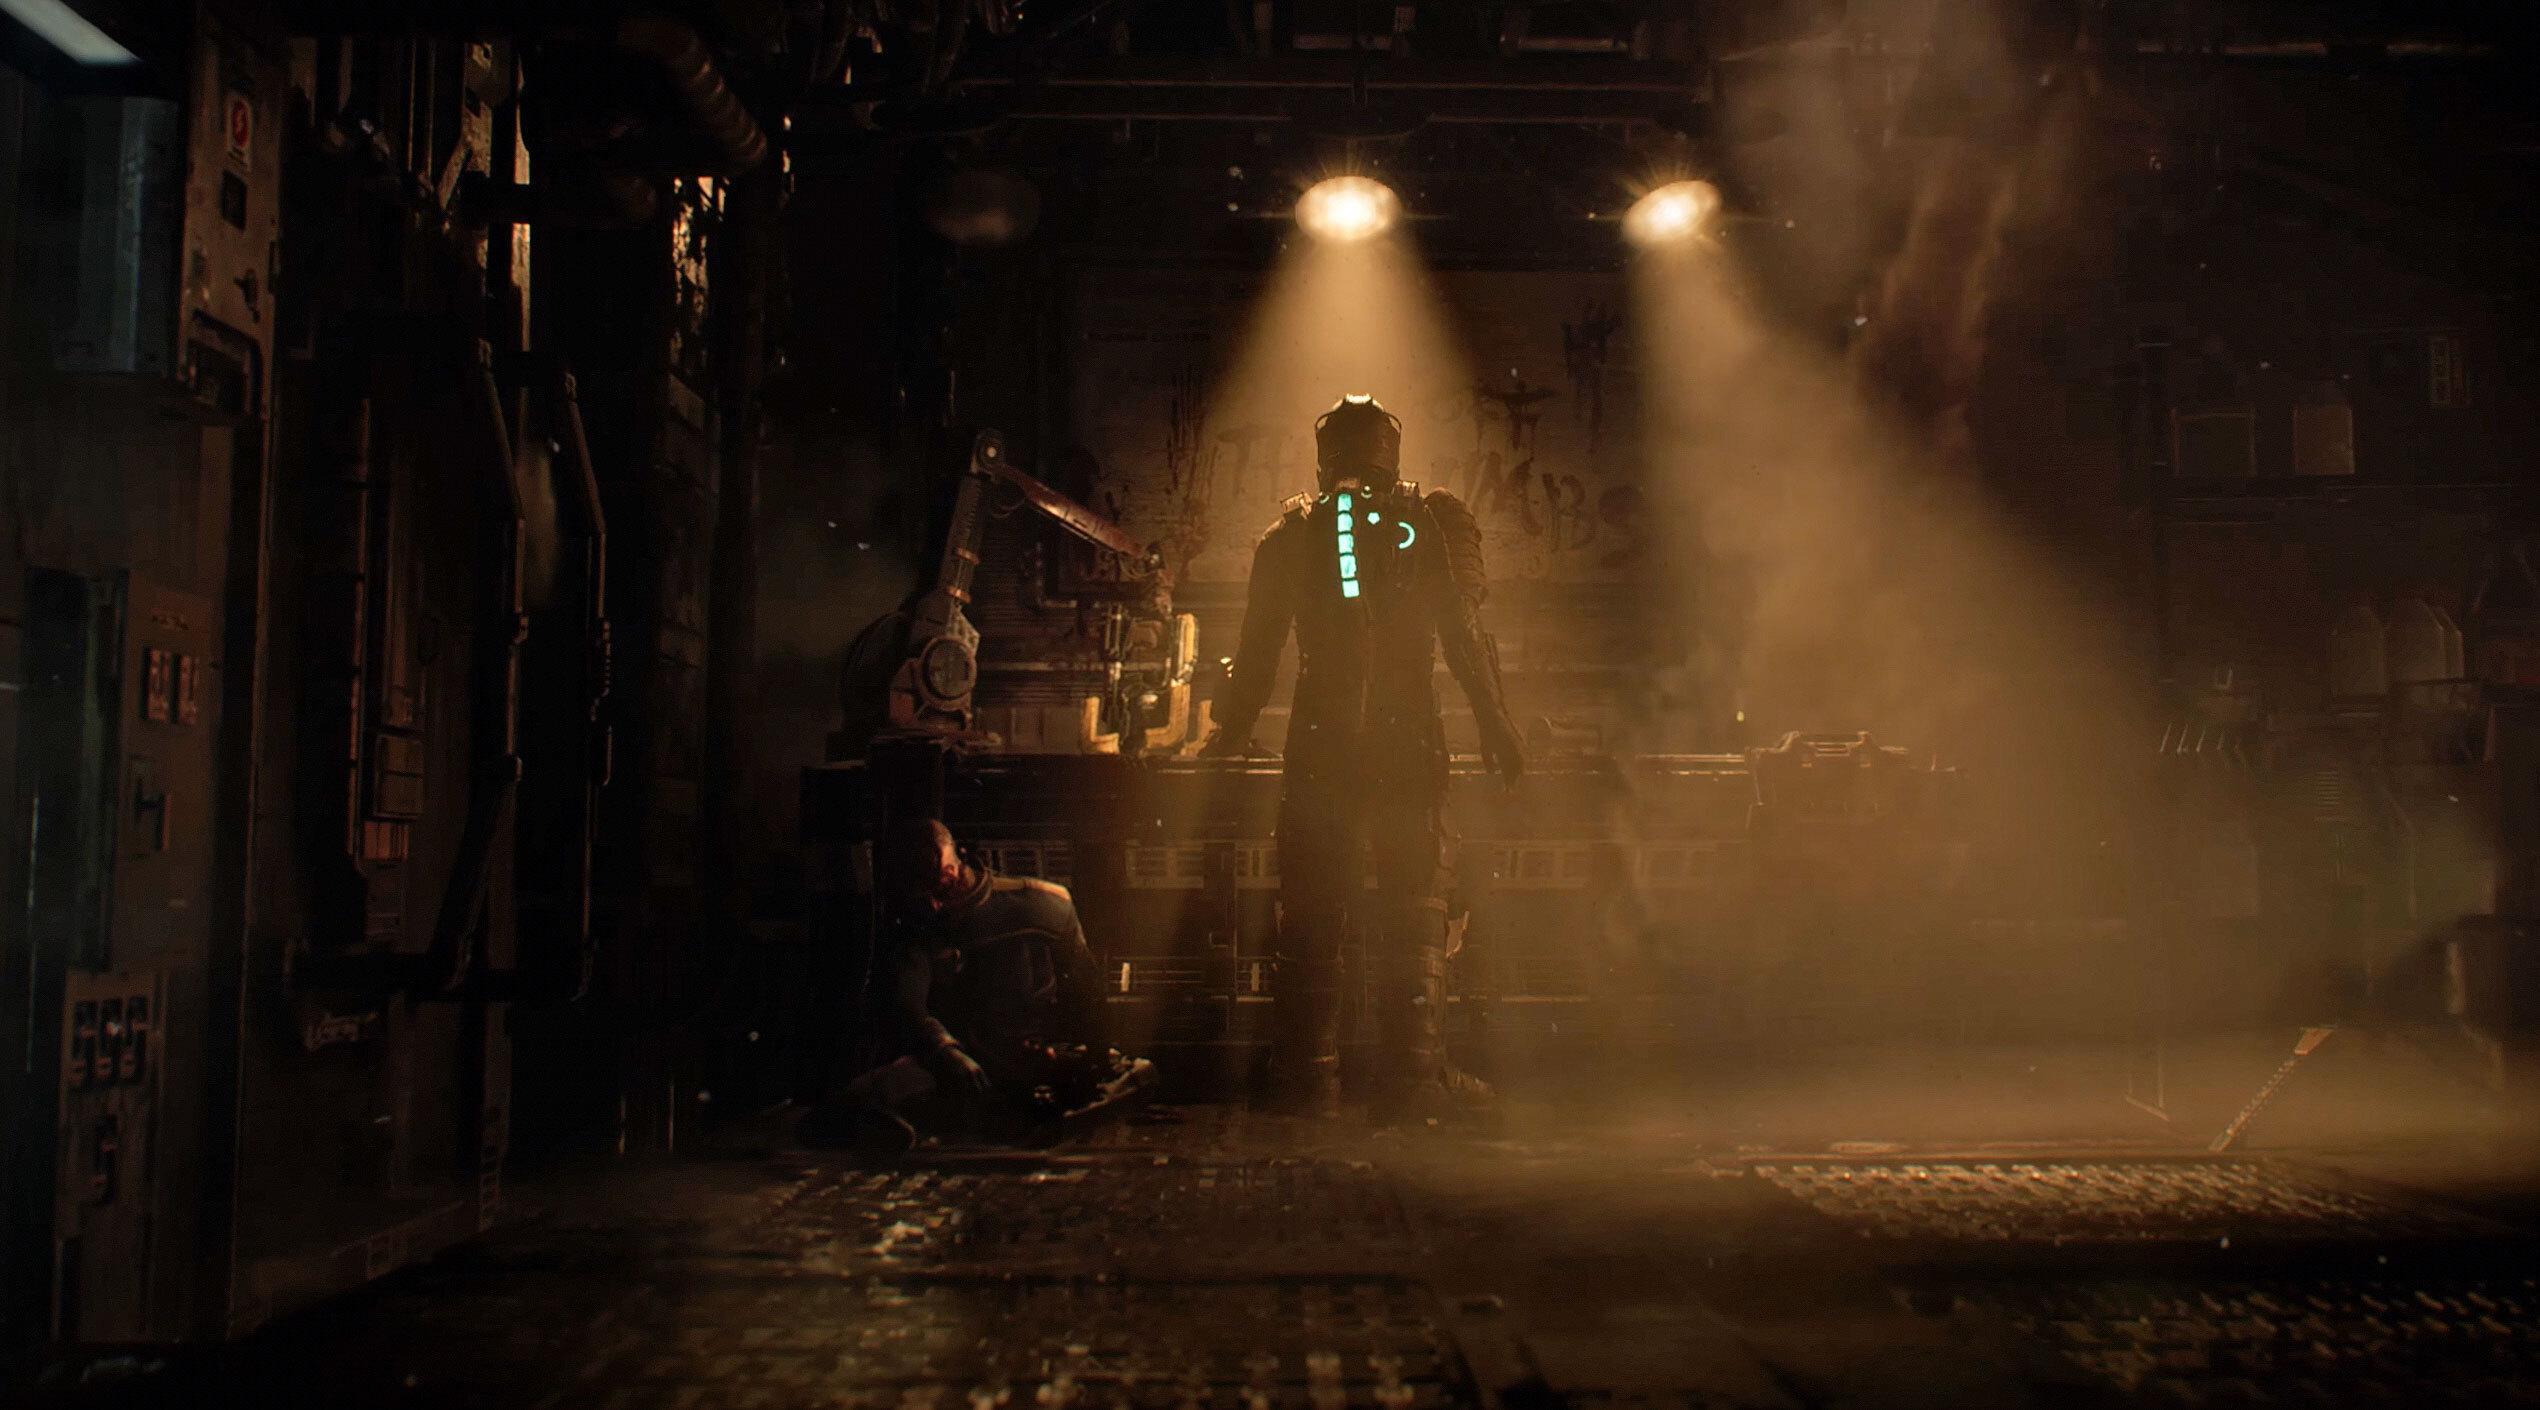 Le remake de Dead Space sera offert uniquement sur les consoles de nouvelle génération PS5 et Xbox Series X/S